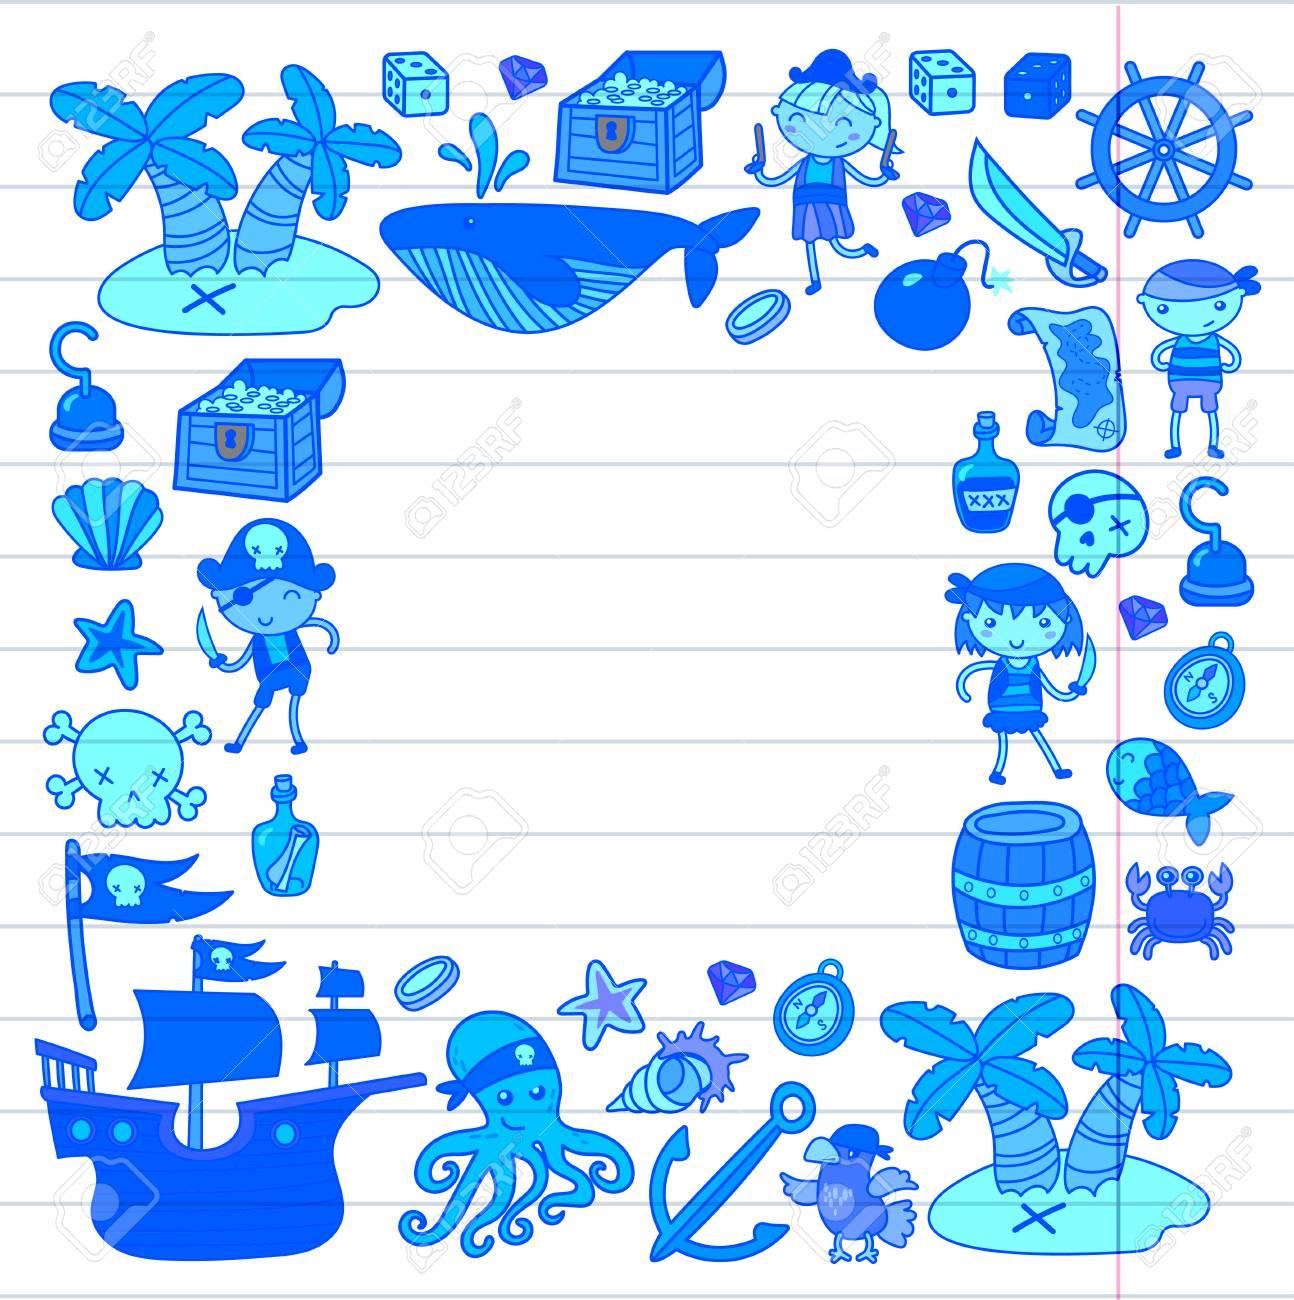 Conjunto De Icono De Princesa Y Fantasía De Doodle Yy Elemento De Diseño Para Invitación Y Tarjeta De Felicitación Niños Preescolares Dibujo Patrón